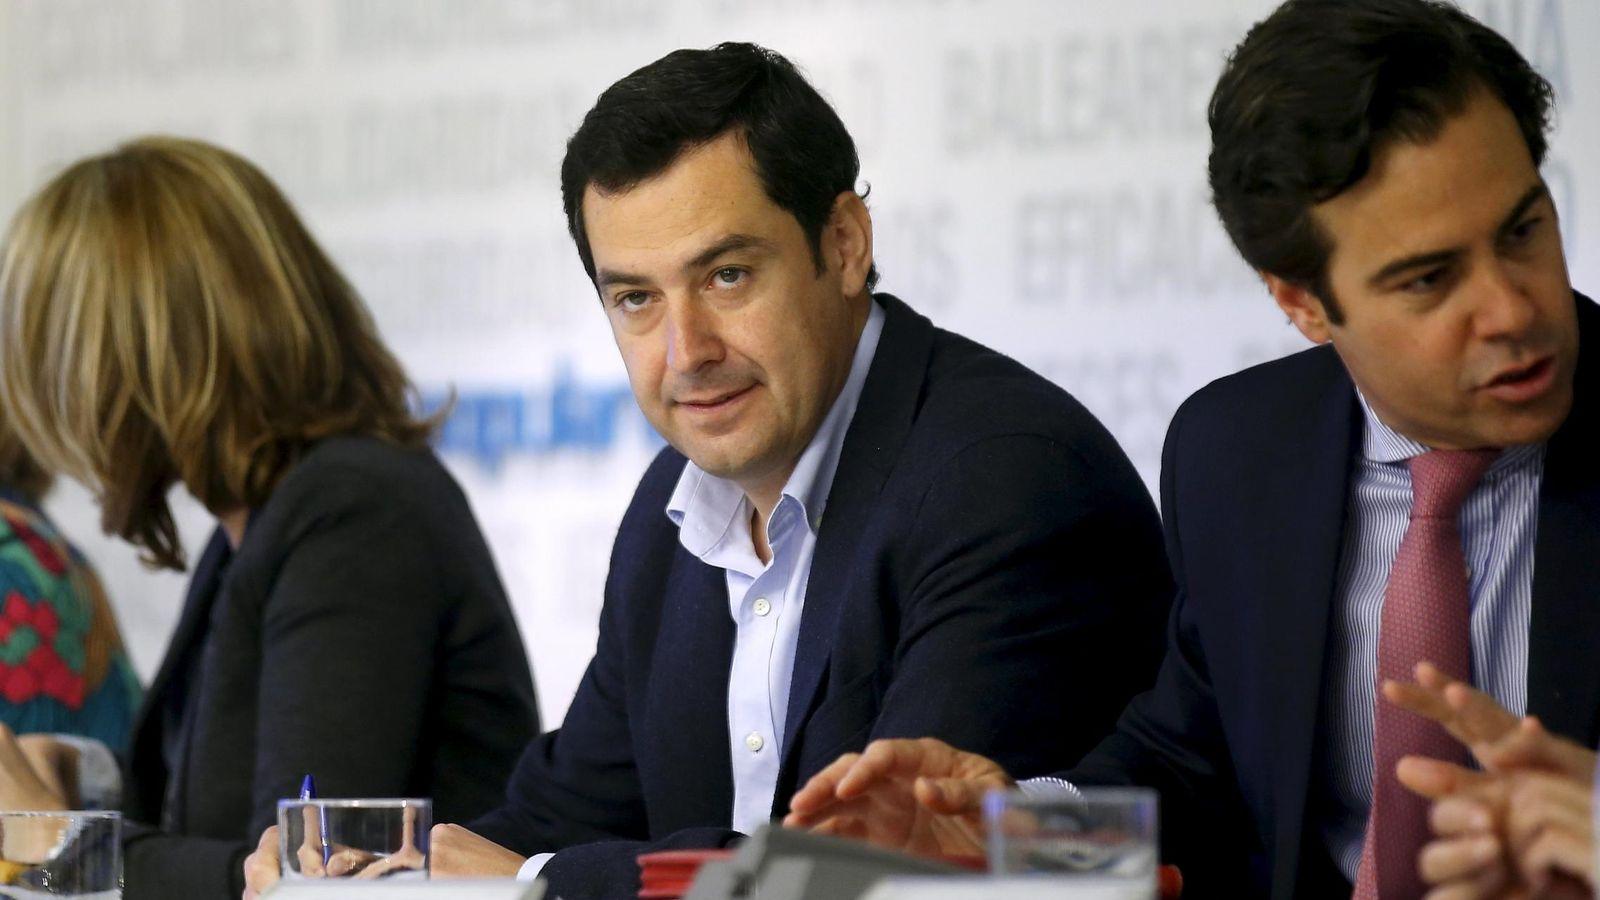 Elecciones municipales y auton micas 2015 el pp salva los for Muebles sanchez granada